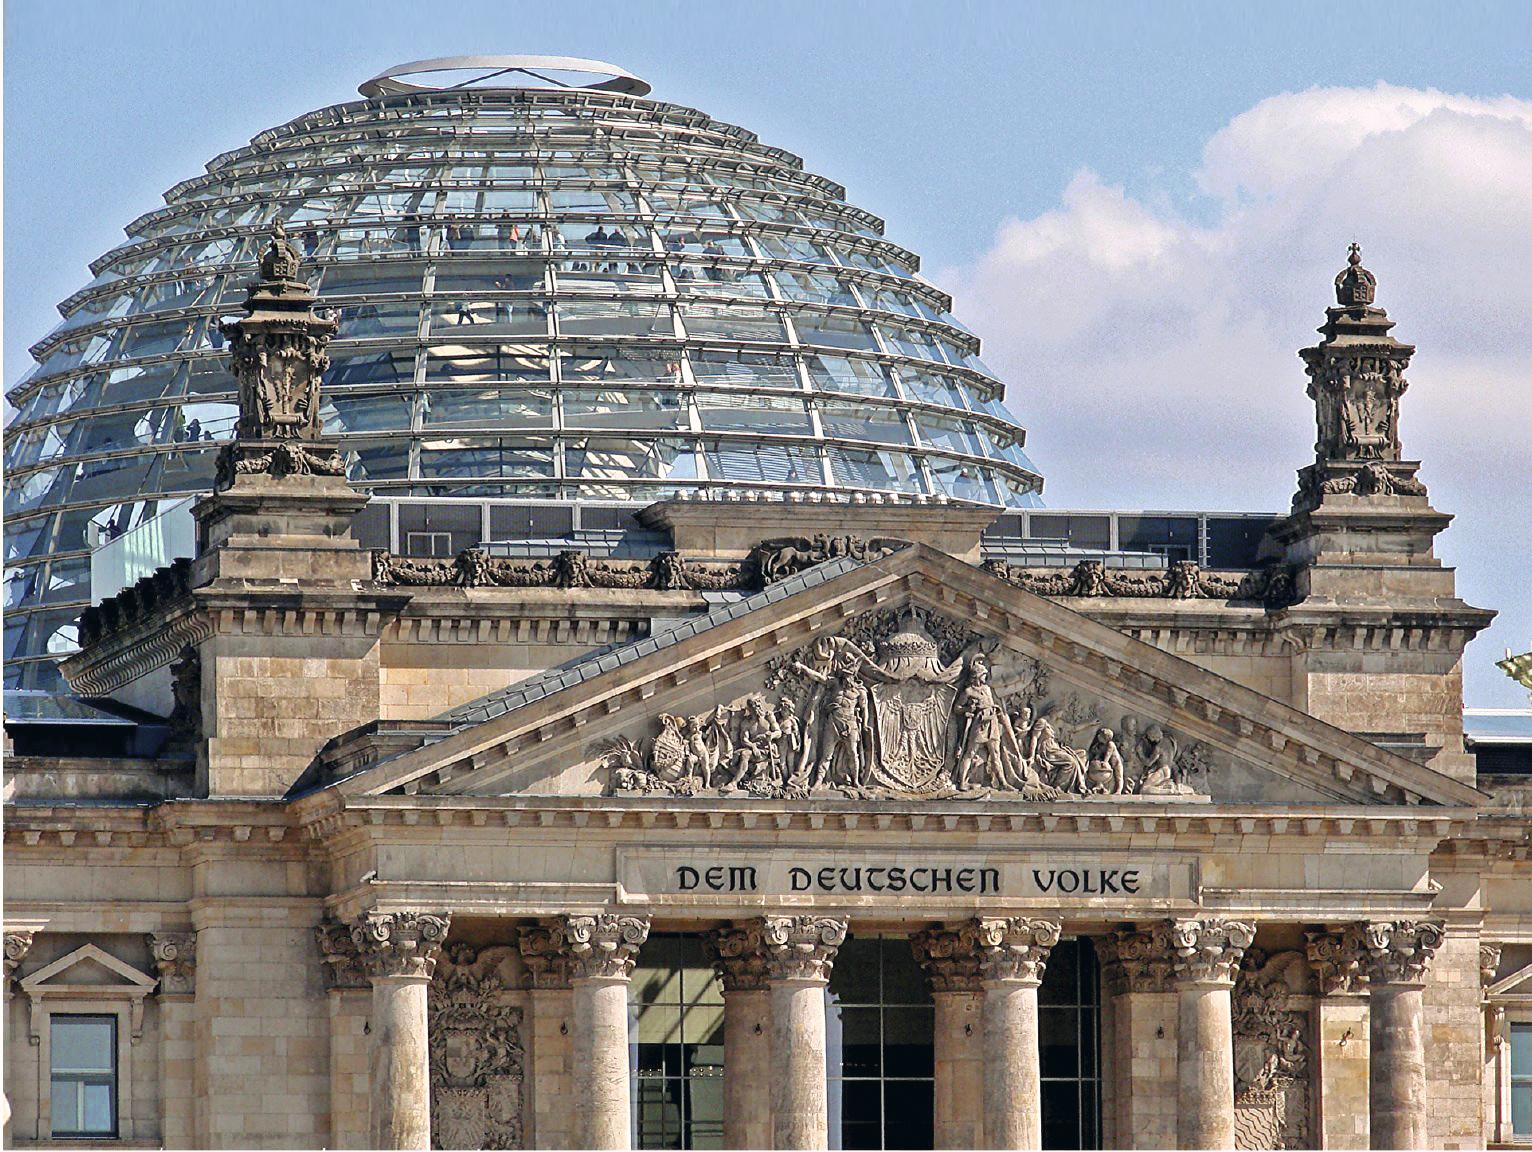 Cúpula de vidro do Reichstag, Berlim, Alemanha